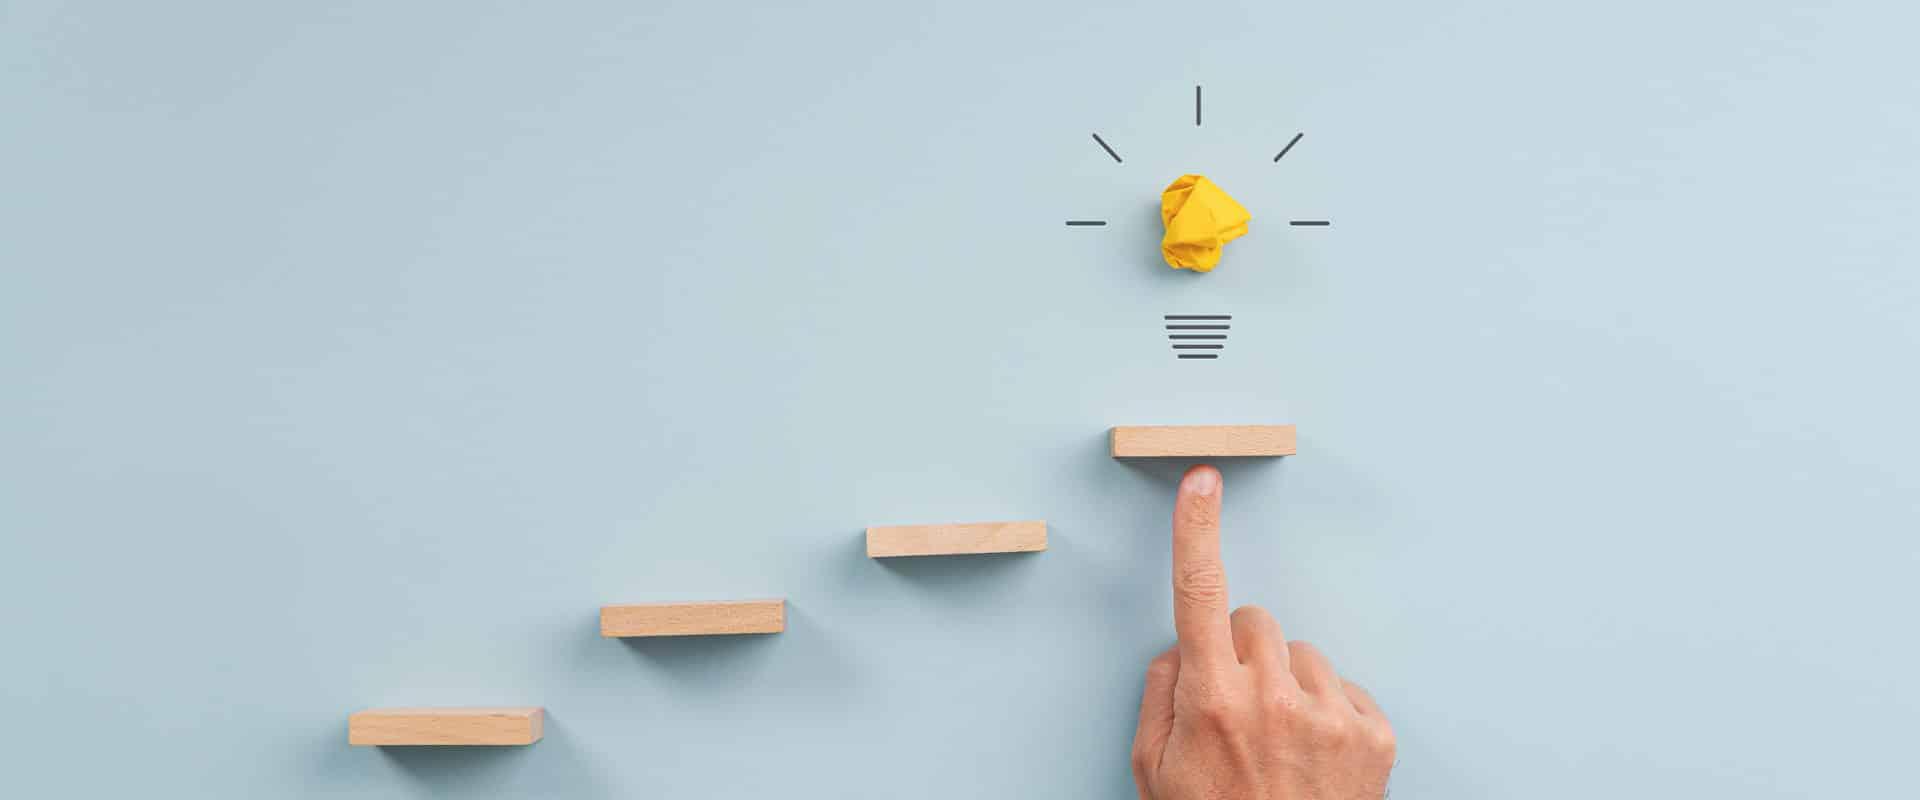 5 conseils pour démarrer sa carrière en tant que mandataire immobilier